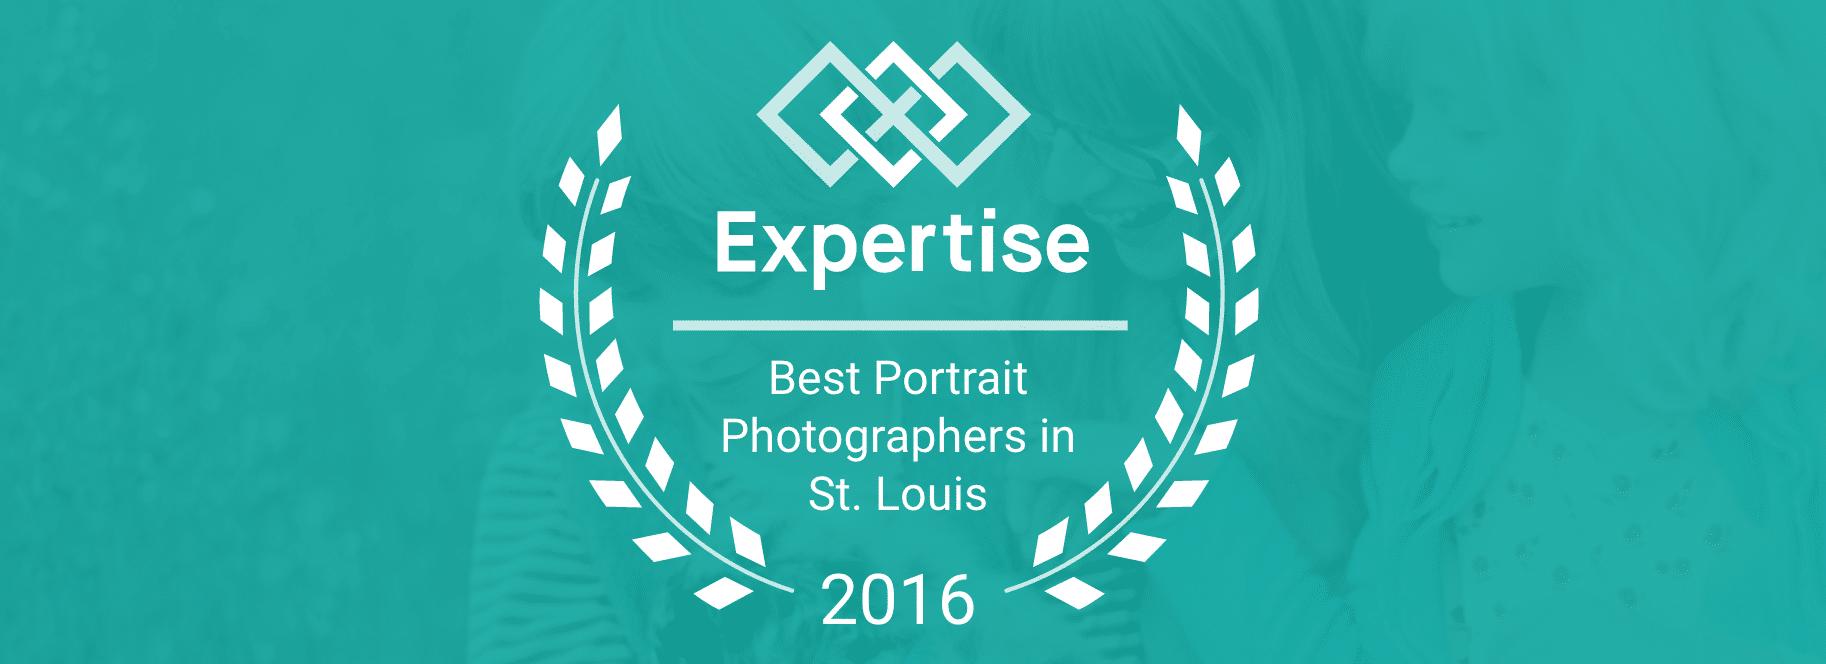 Expertise 2016 Best St. Louis Portrait Photographer List